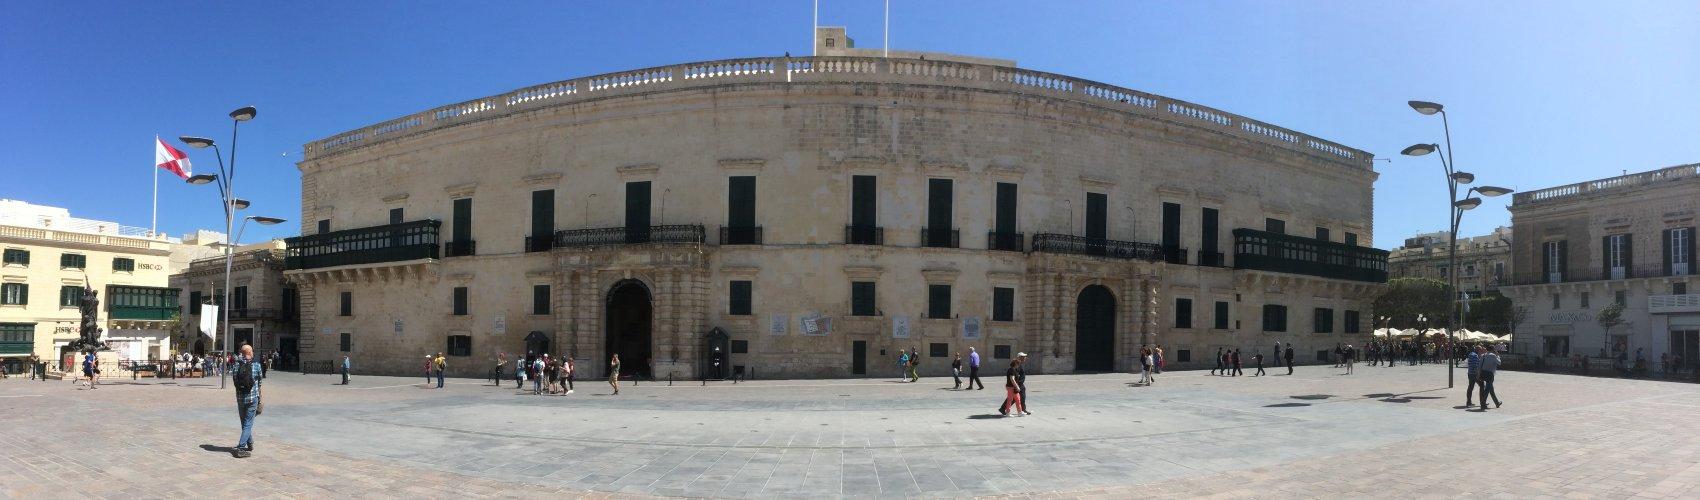 Großmeisterpalast (Valletta)